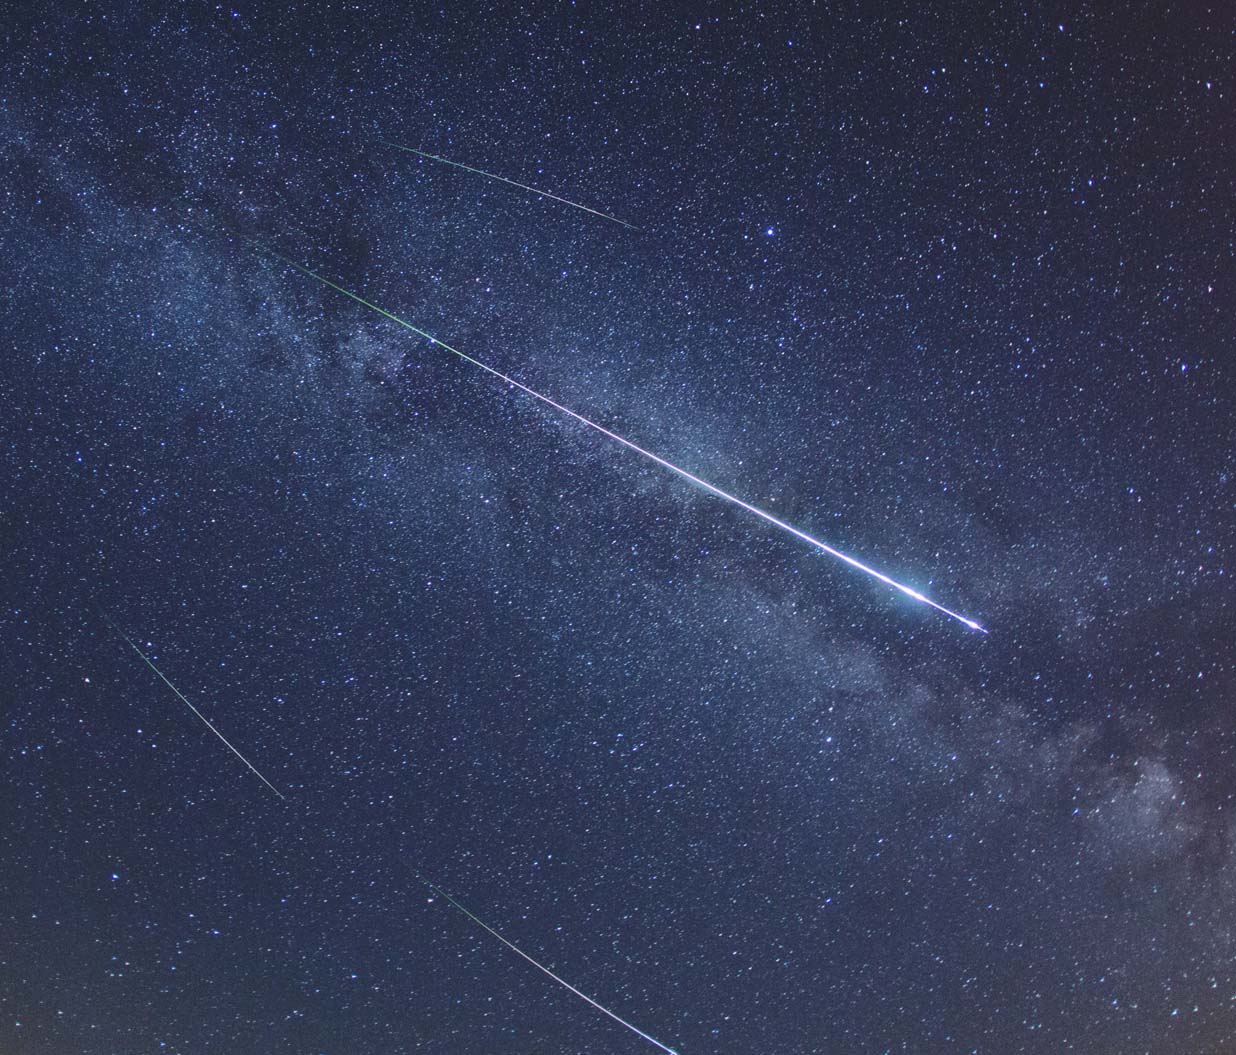 Annual Perseid meteor shower peaks this weekend